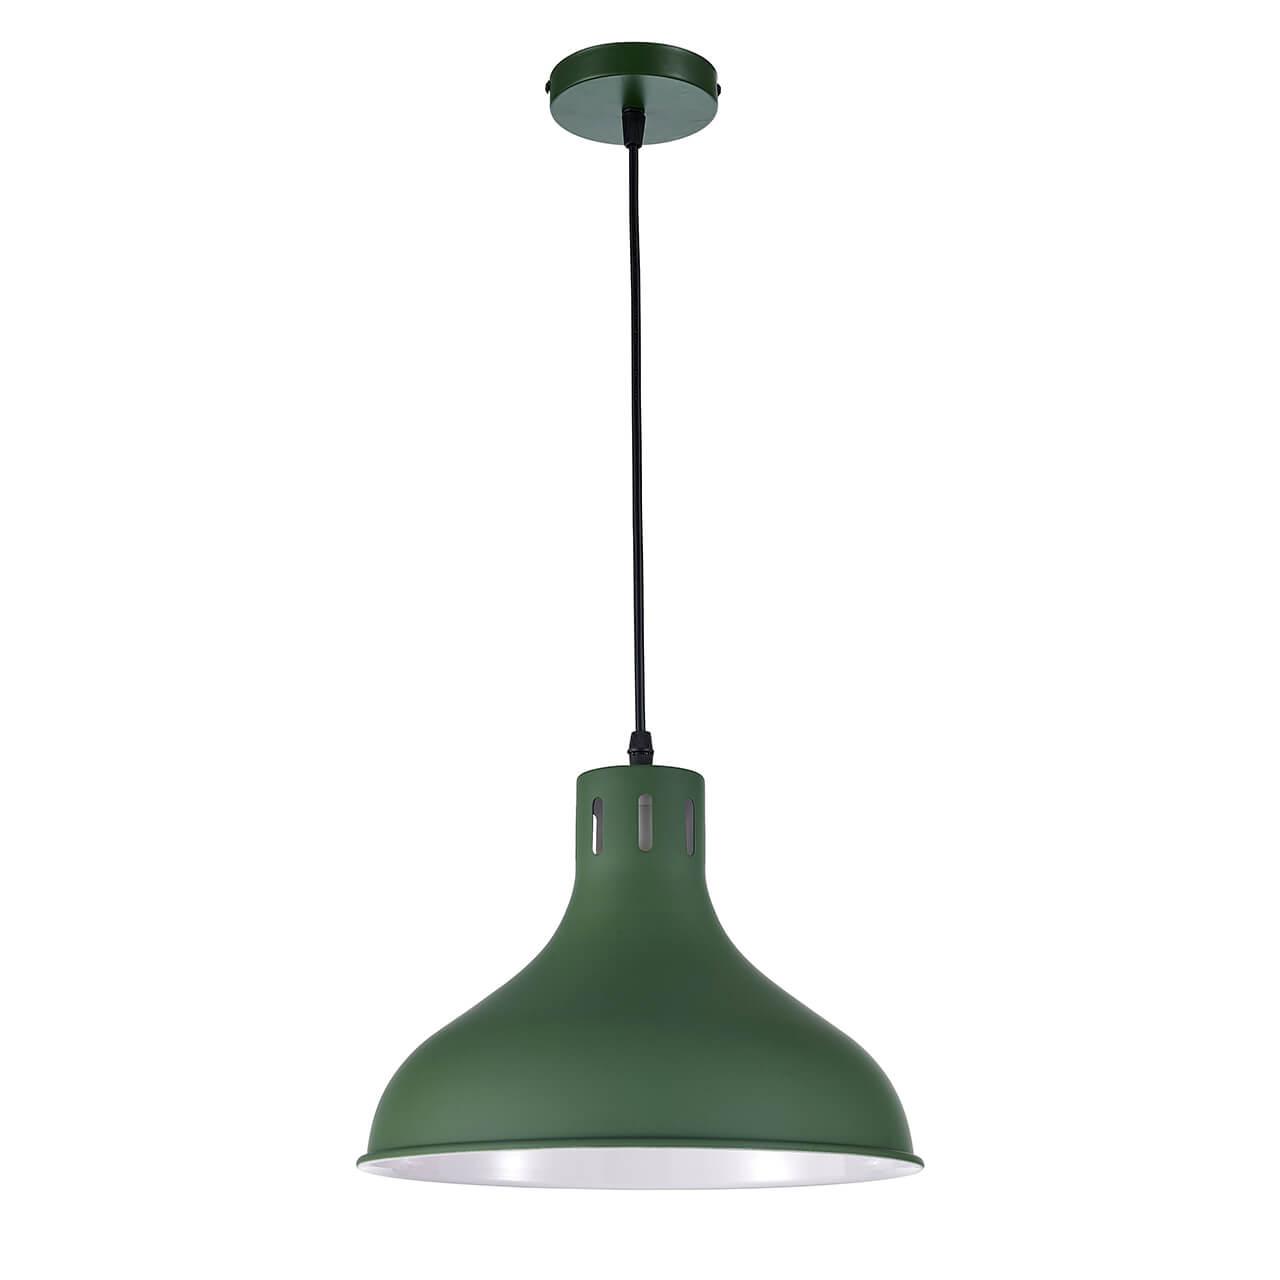 Arti Lampadari Martino E 1.3.P1 GR